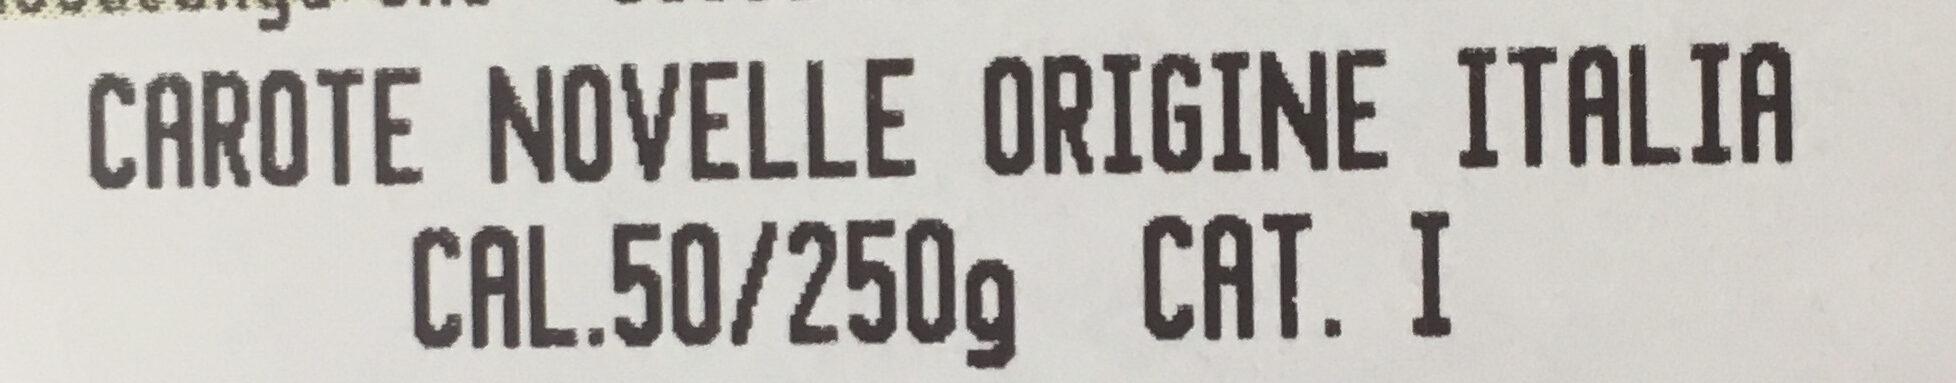 Carote novelle - Ingredients